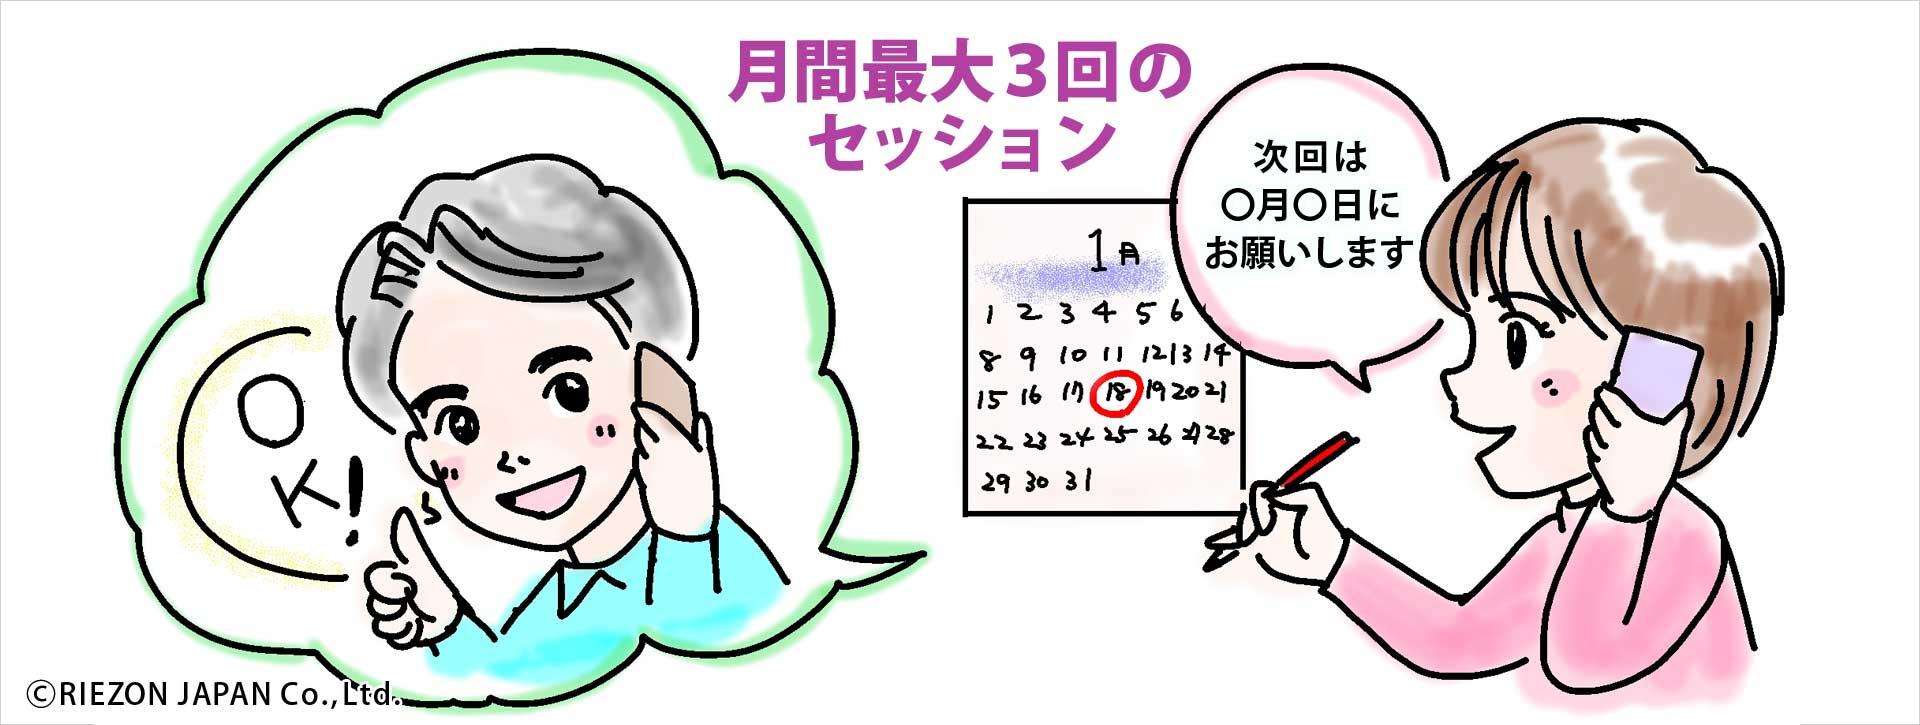 小川健次個別コーチング&コンサルティング